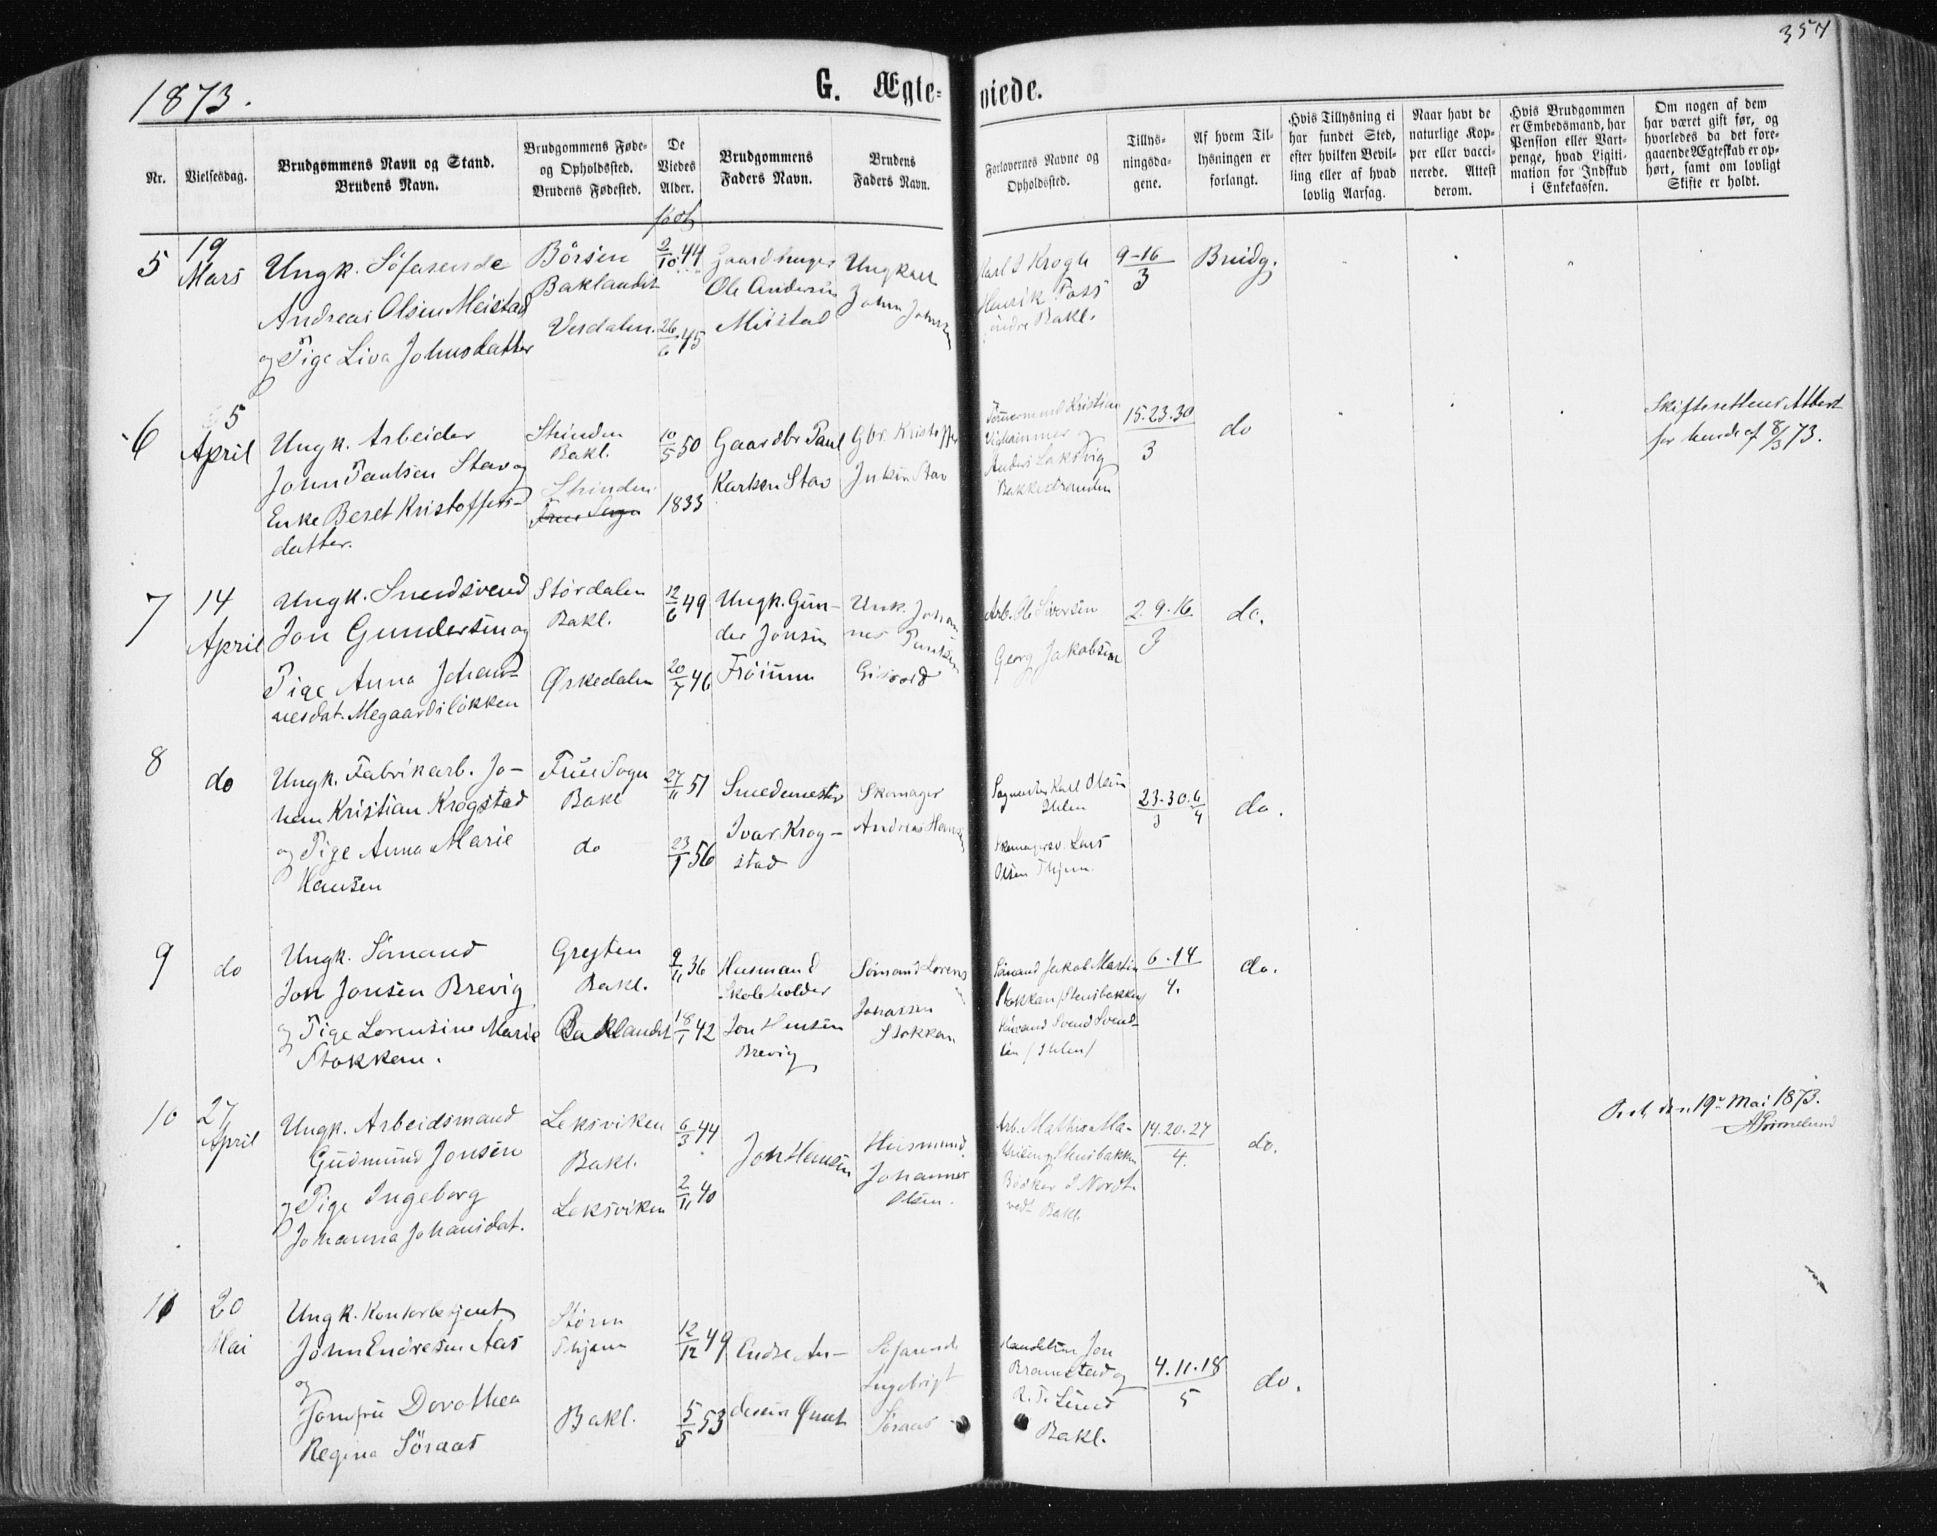 SAT, Ministerialprotokoller, klokkerbøker og fødselsregistre - Sør-Trøndelag, 604/L0186: Ministerialbok nr. 604A07, 1866-1877, s. 357